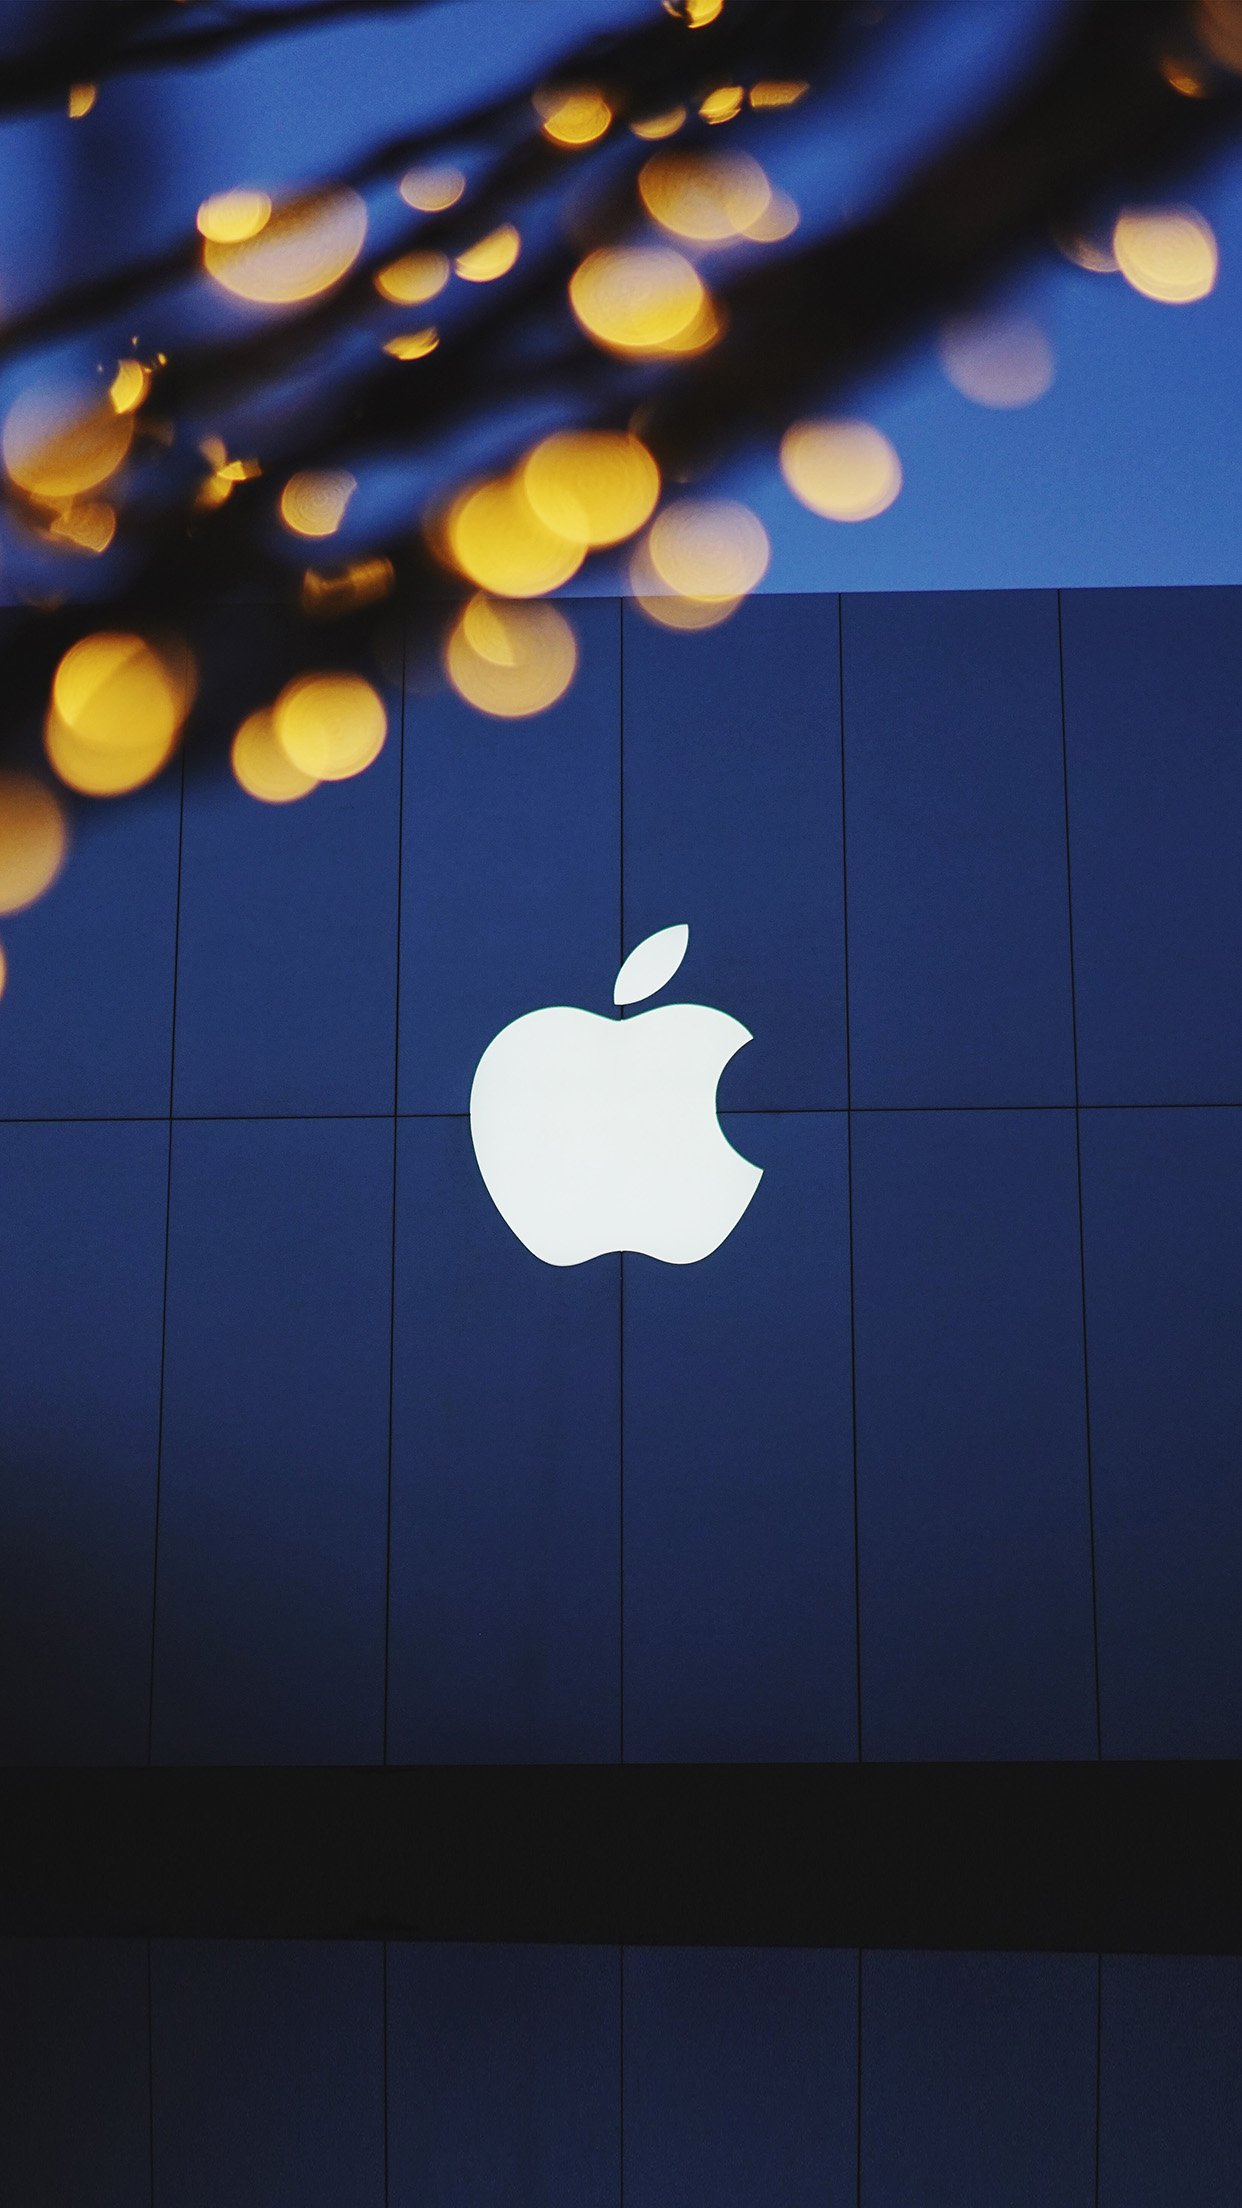 Apple Logo Blue Dark Android Wallpaper